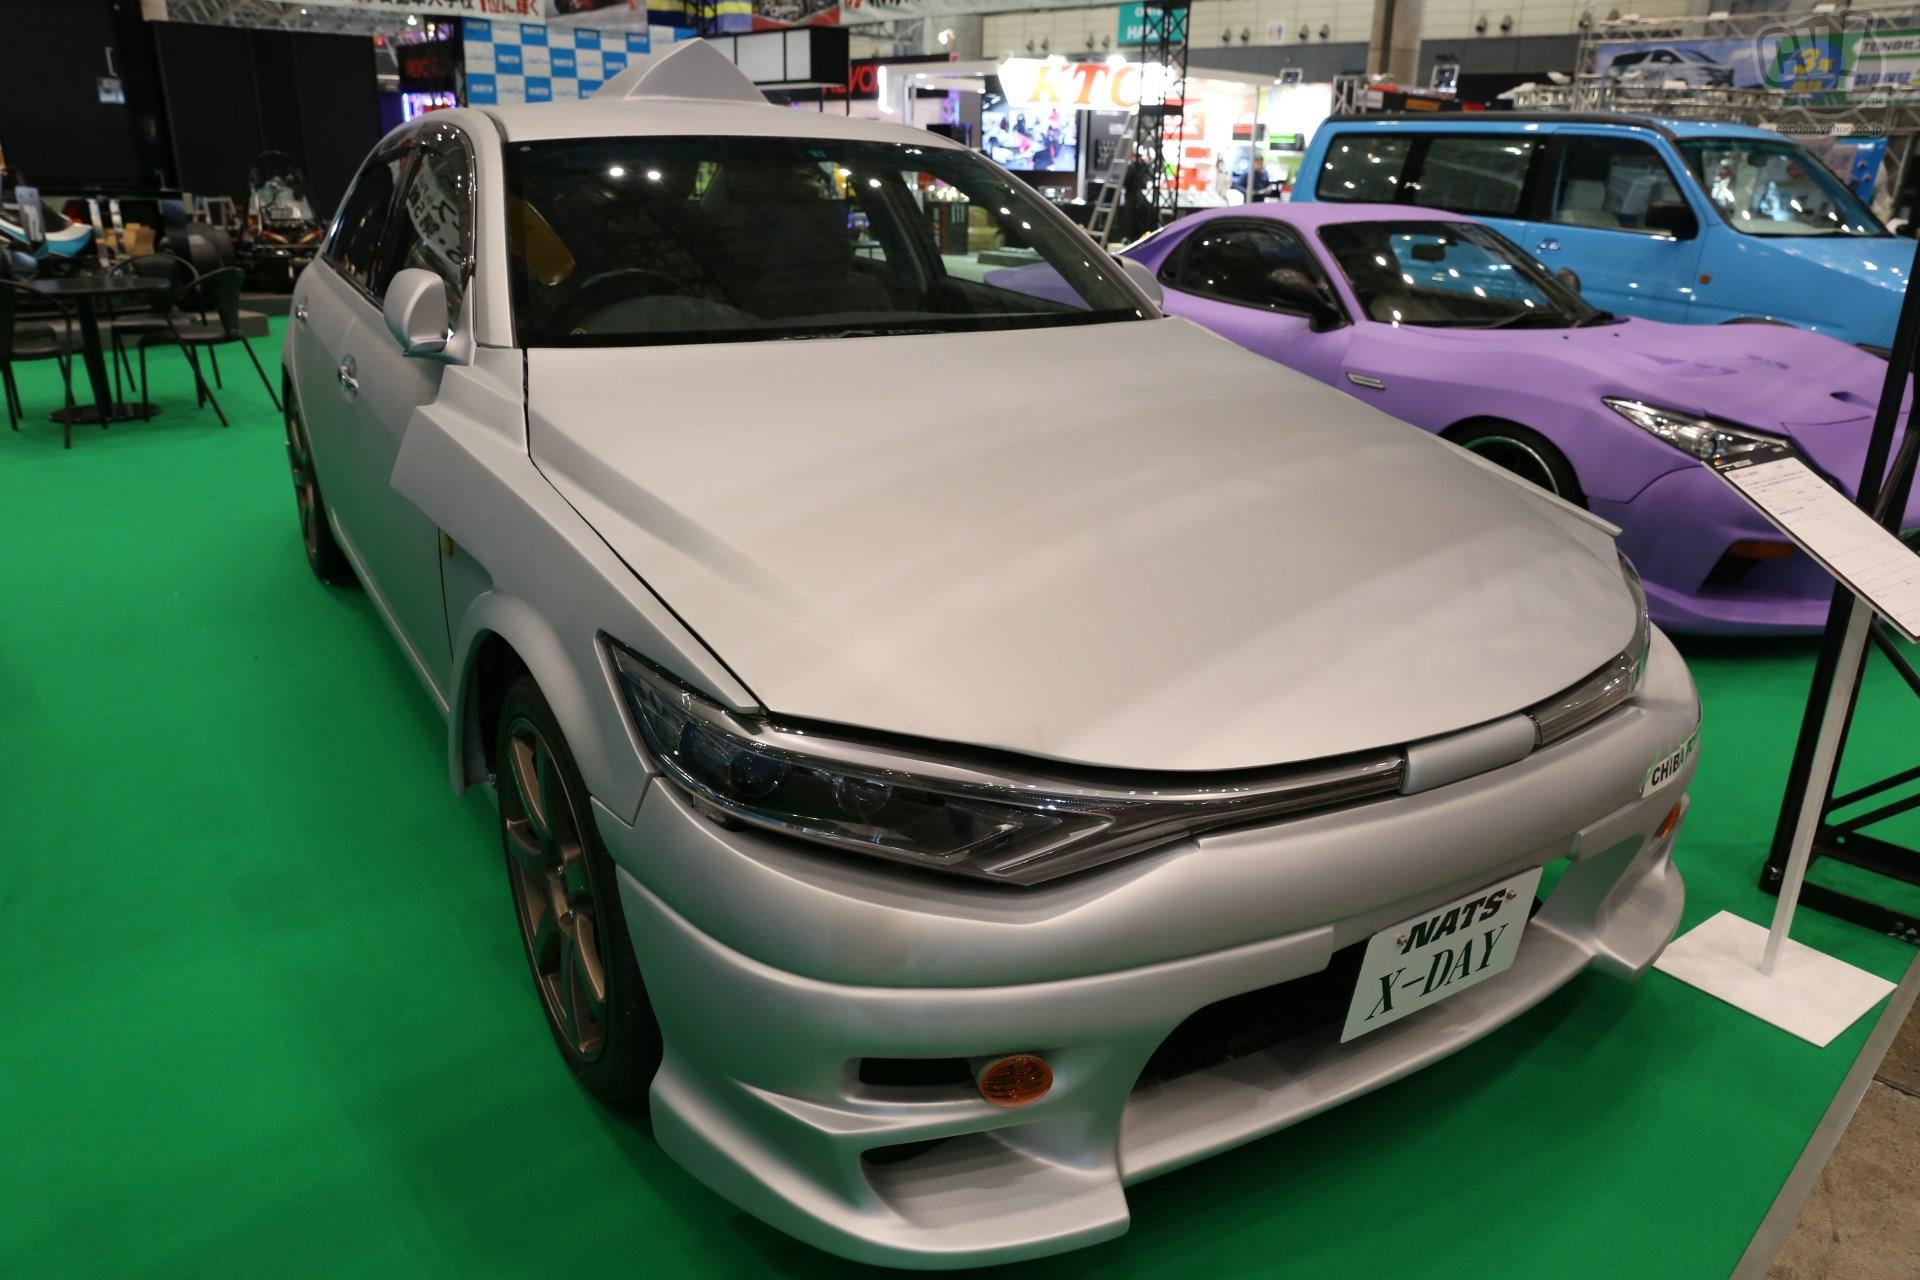 NATS 日本自動車大学校 663 TR(ホンダ ビート) - 東京オートサロン2016 - carview! - 自動車